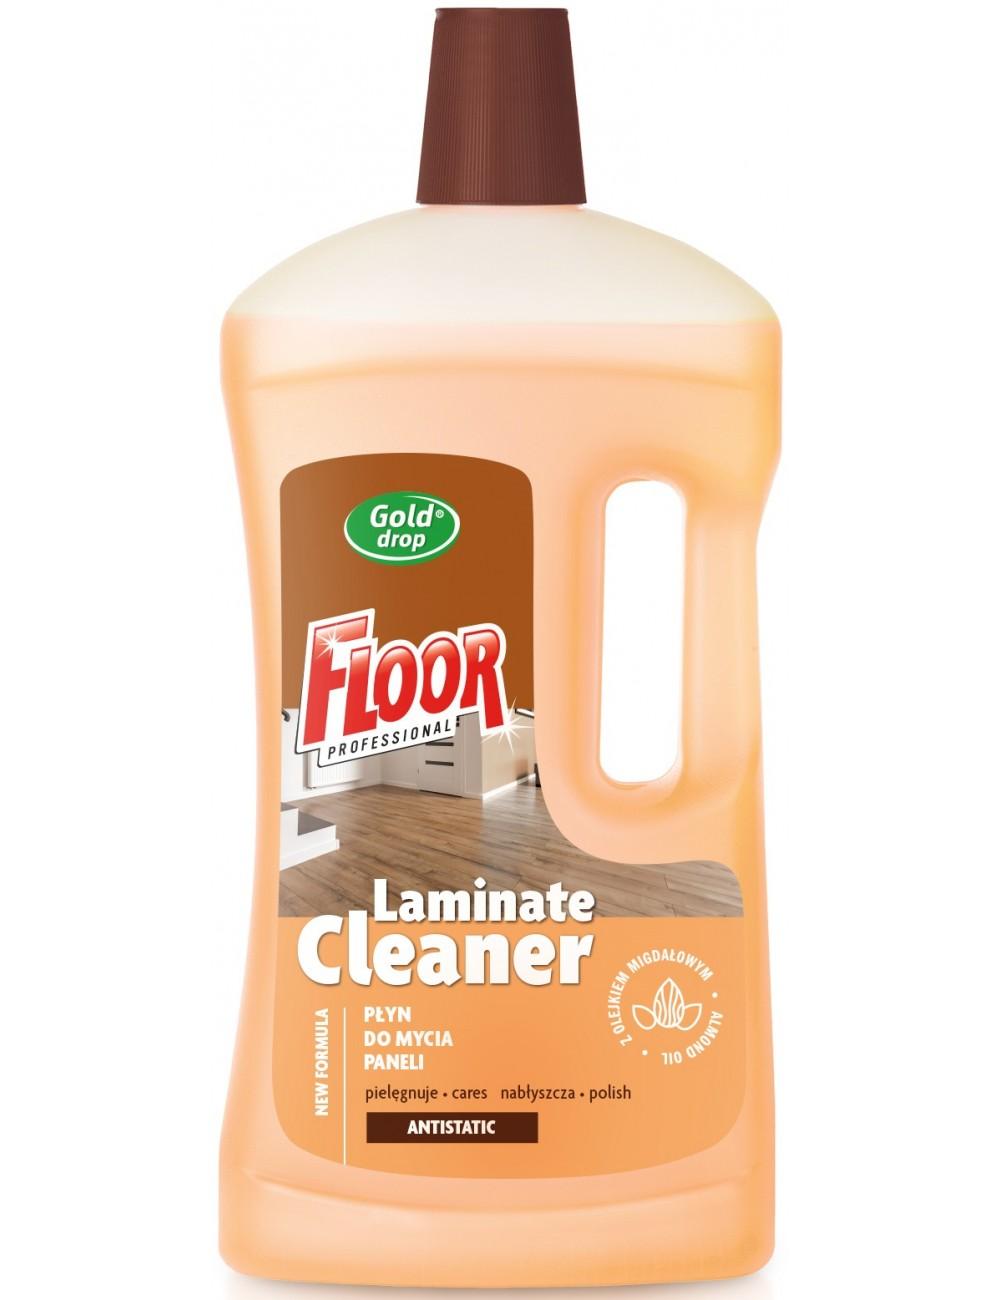 Floor Professional Płyn do Mycia Paneli z Olejkiem Migdałowym Antystatyczny Laminate Cleaner 1 L